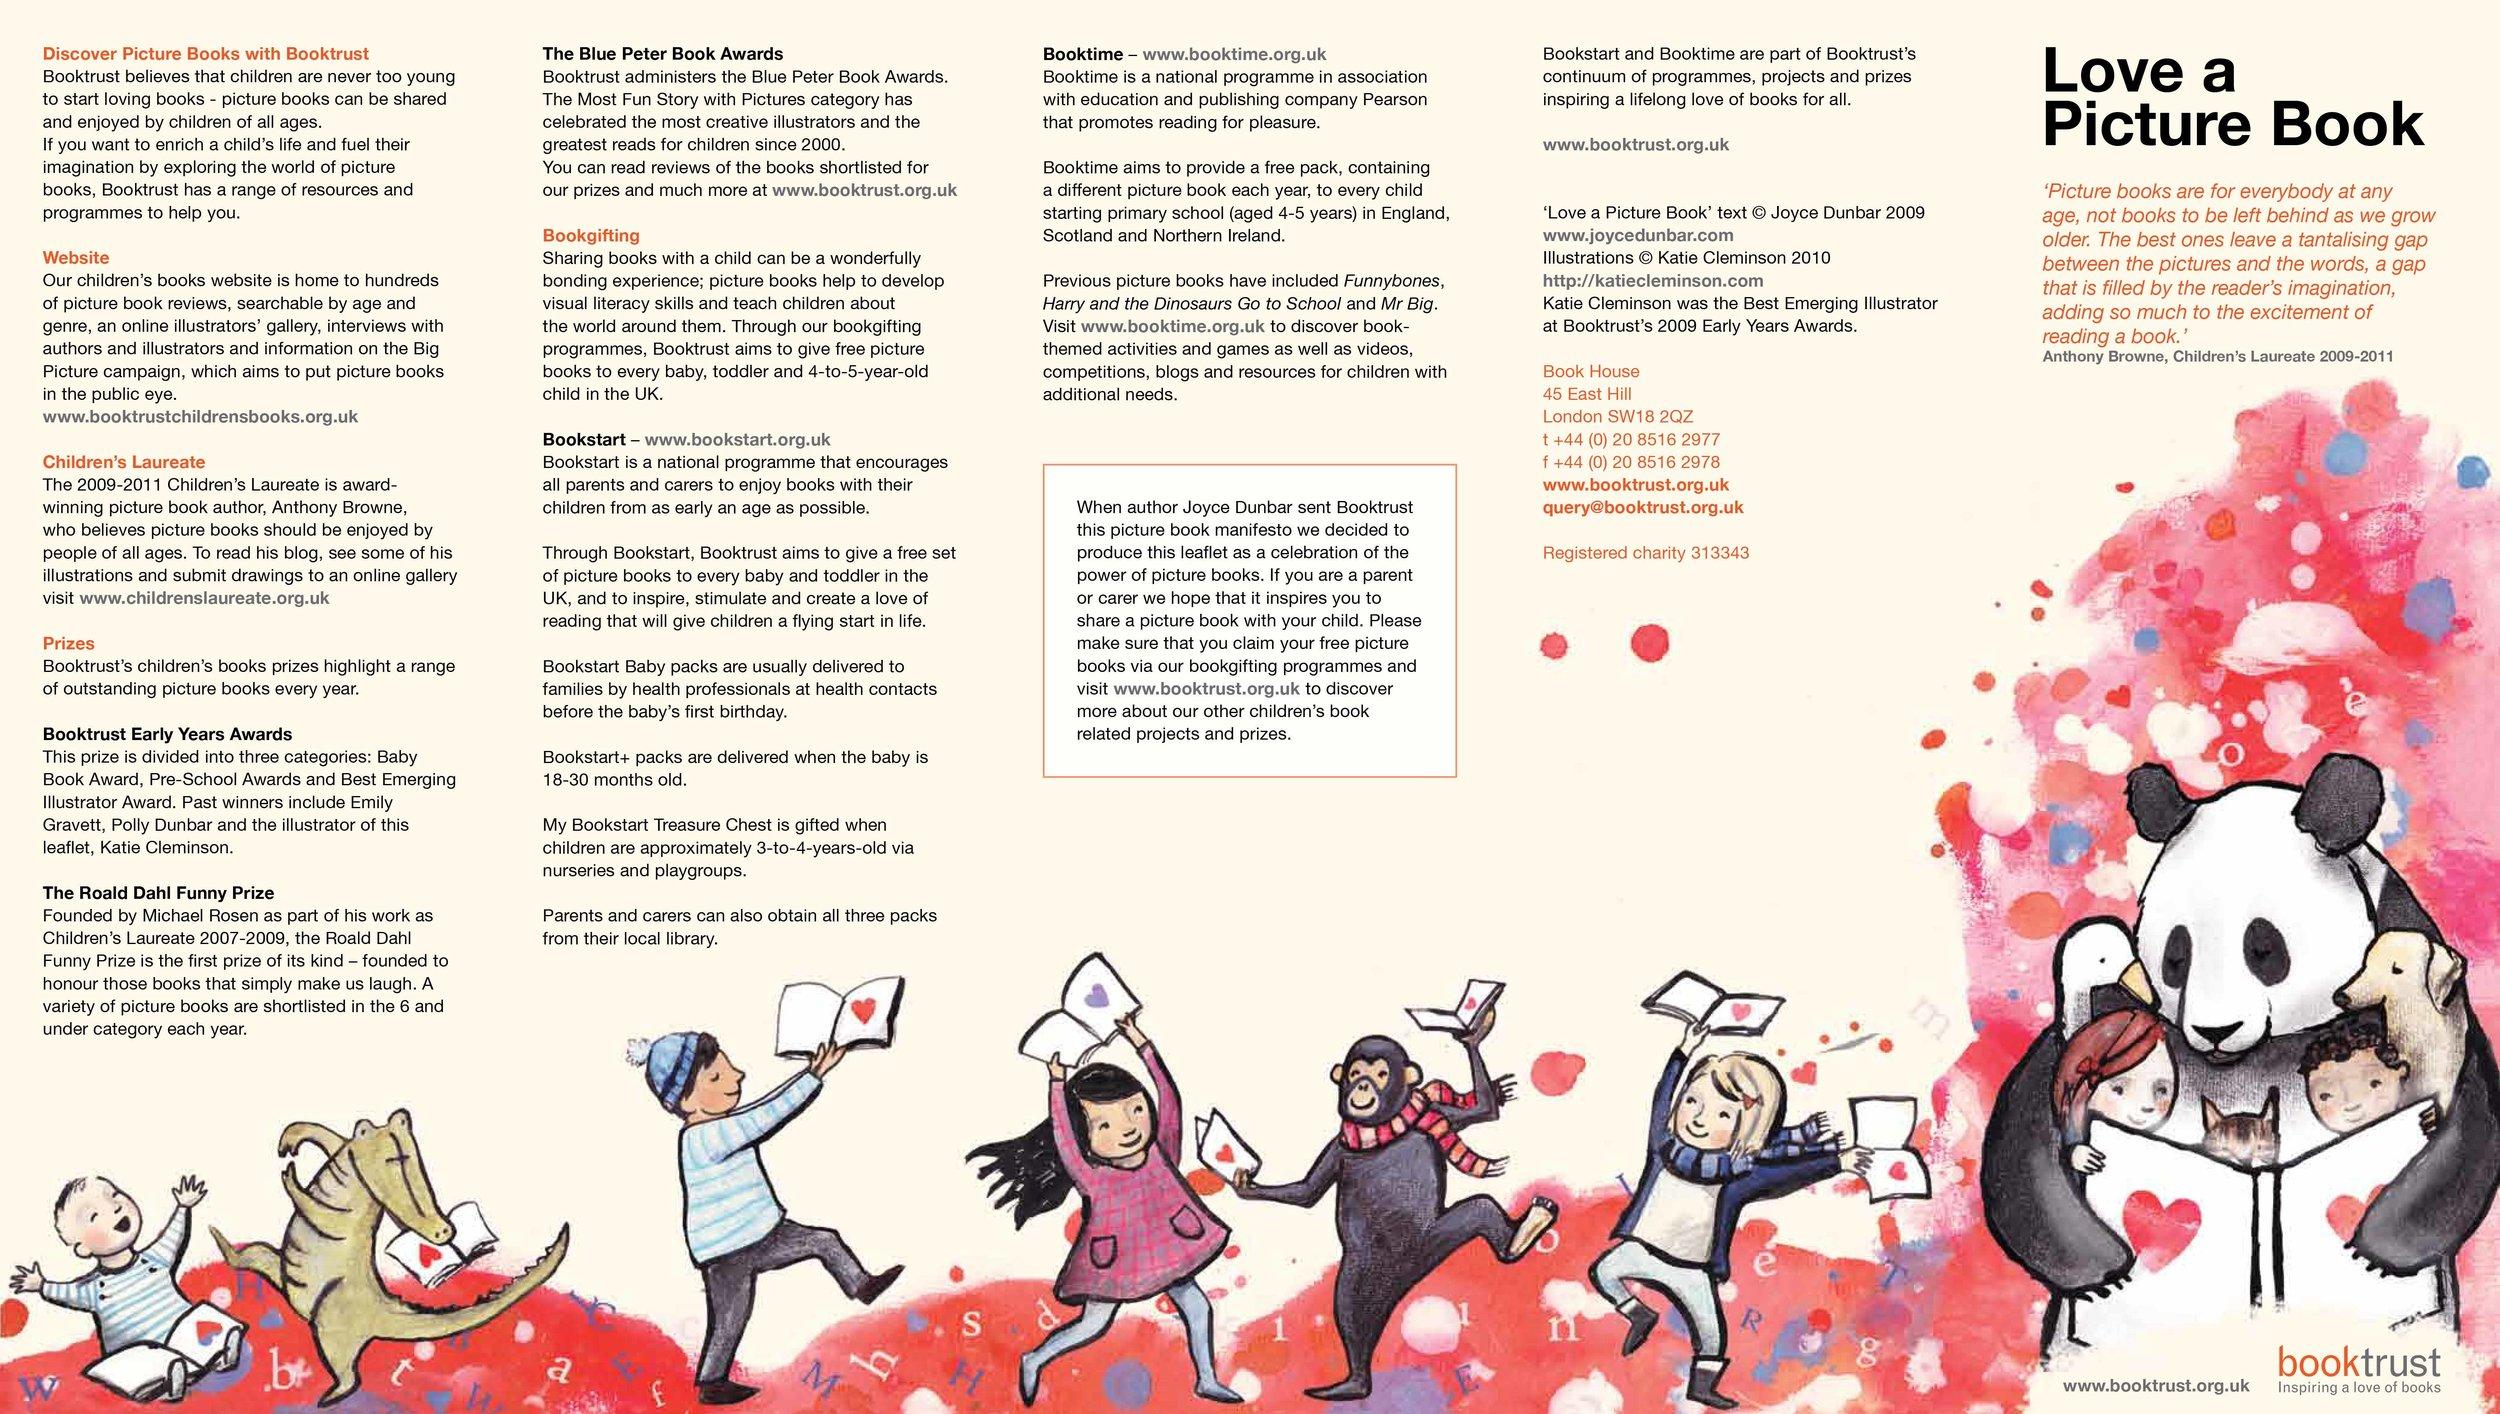 BT_cncrtna_picturebook_layout8-1.jpg